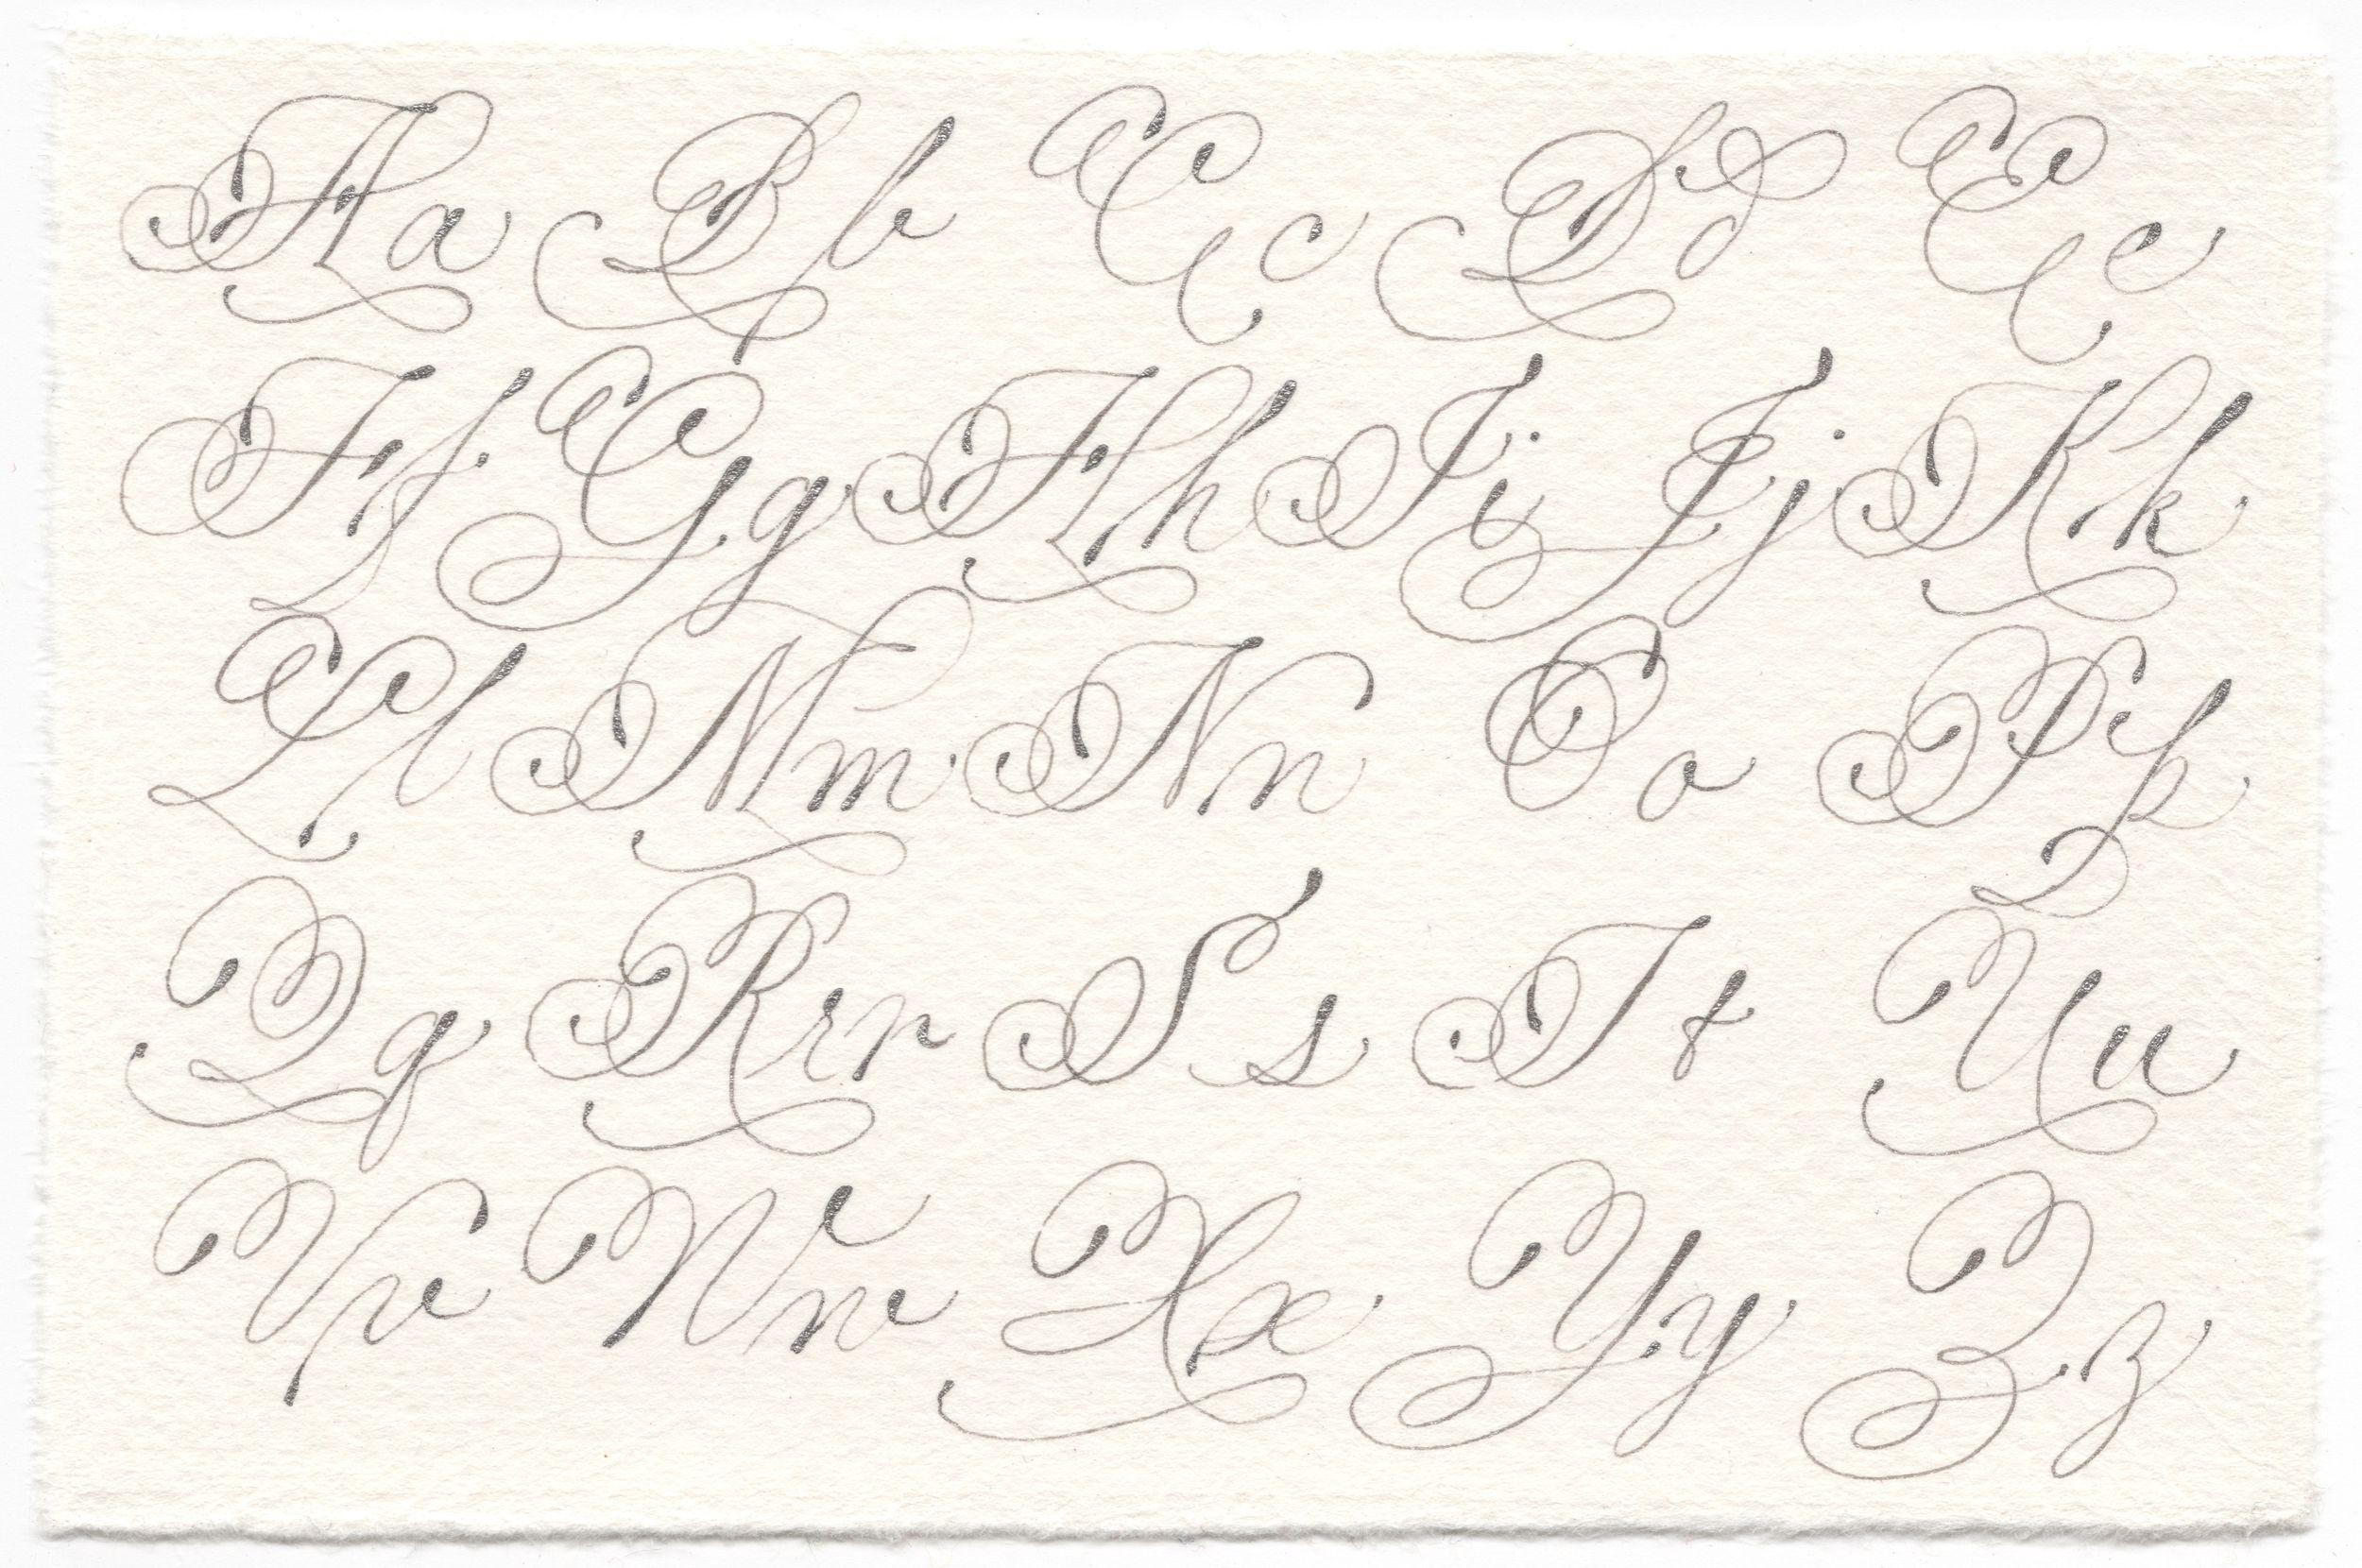 Italian Hand Exemplar Calligraphy Pointedpen